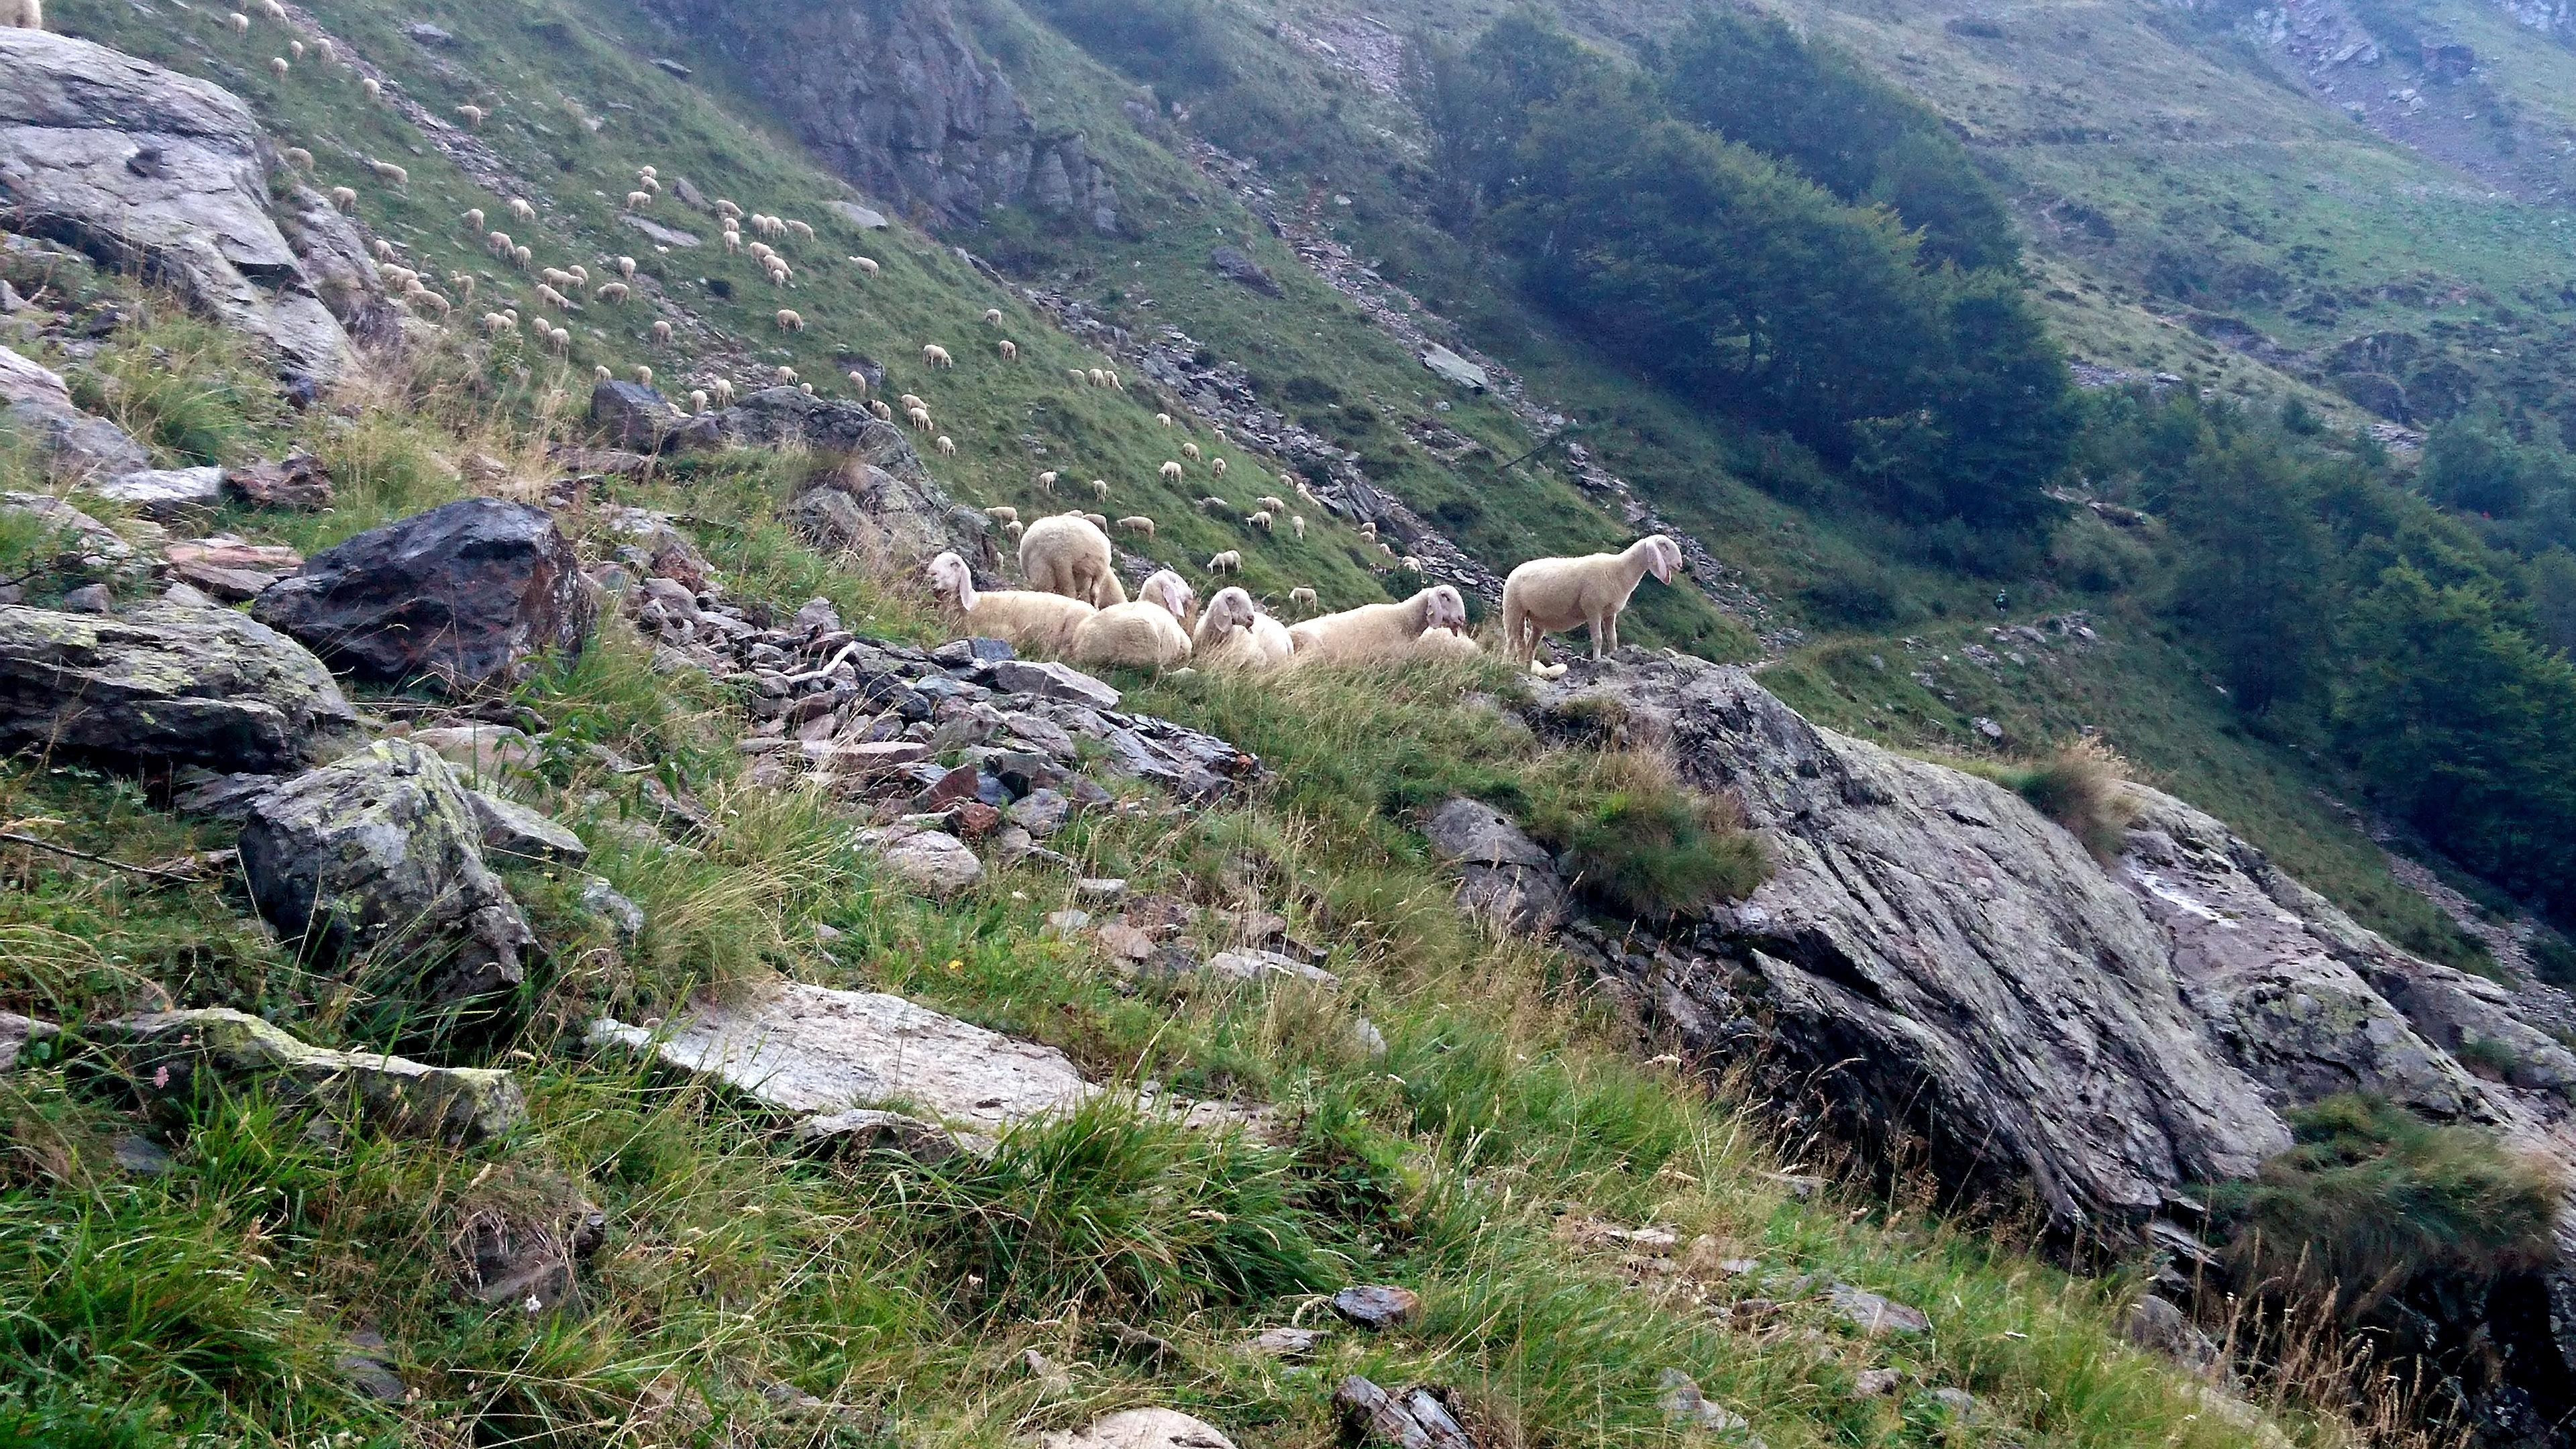 arrivati al bivio tra il sentiero diretto e quello panoramico, troviamo questo enorme gregge di pecore che ci saluta